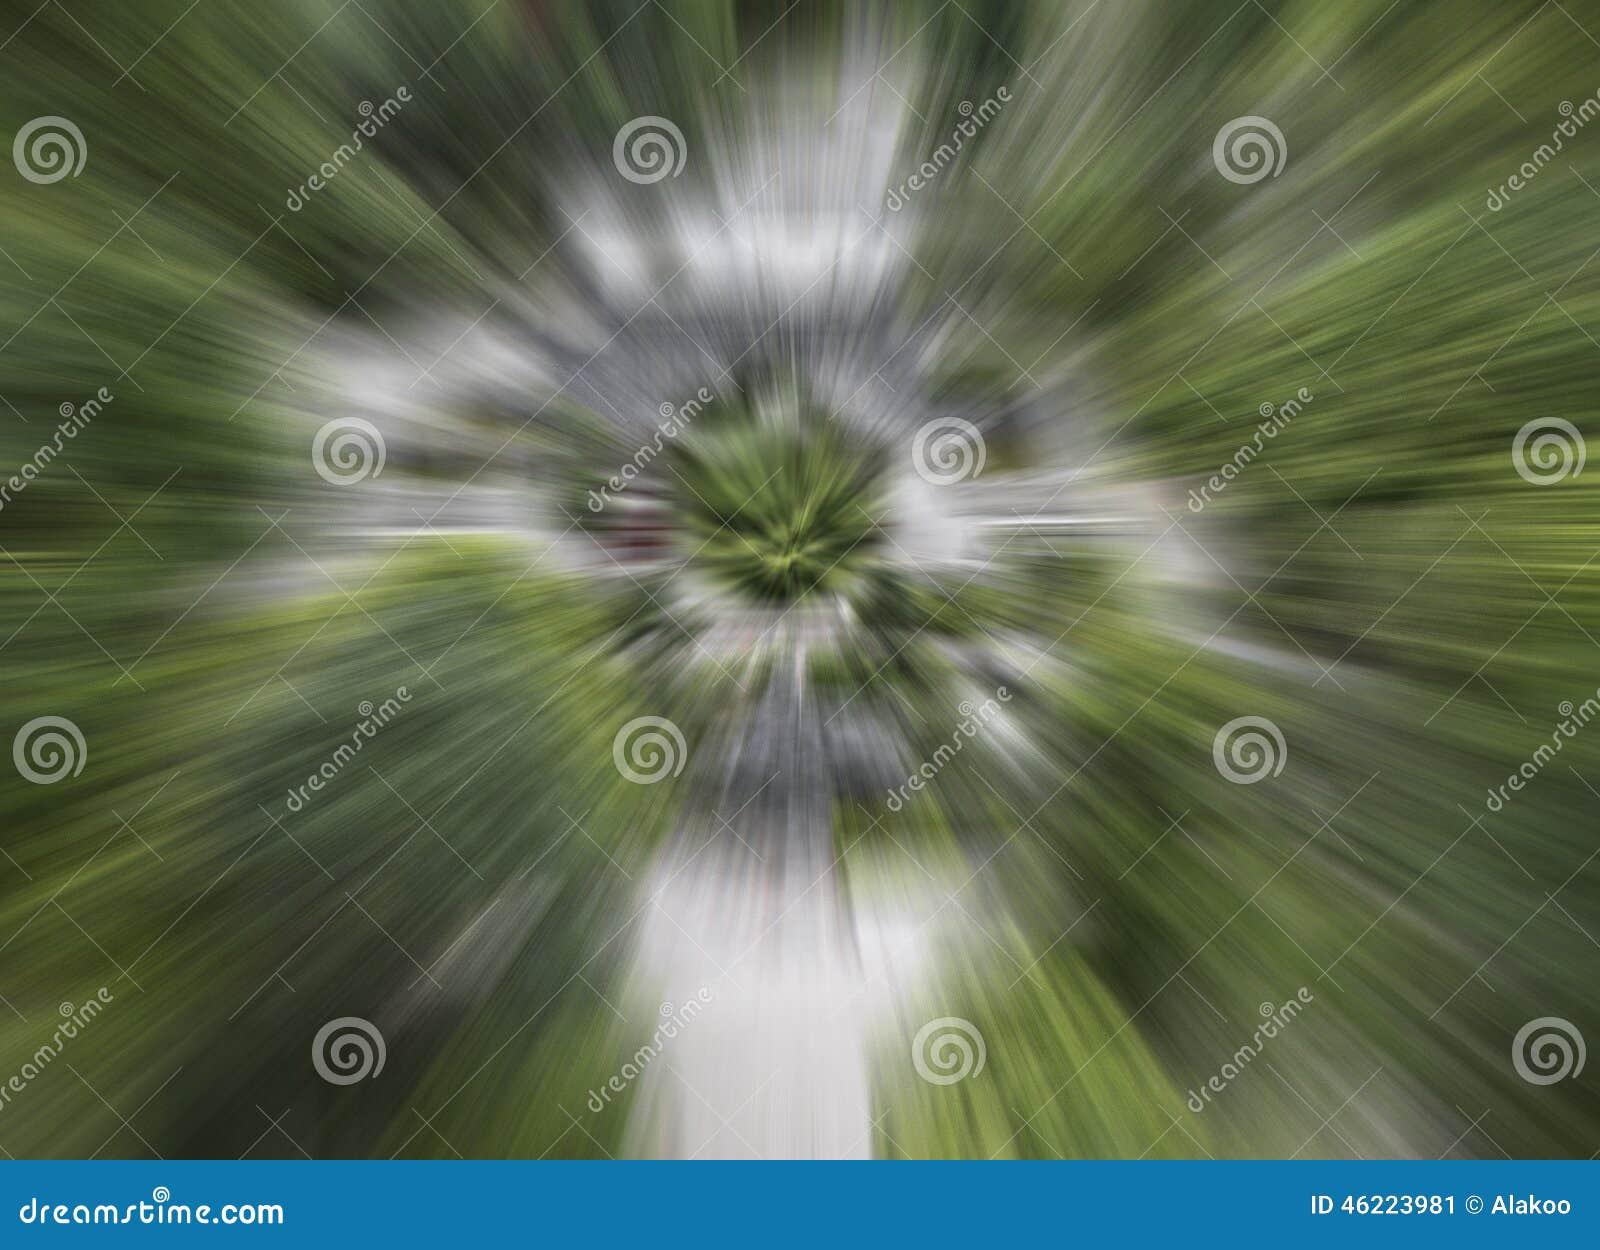 το πράσινο υπόβαθρο θαμπάδων κινήσεων ταχύτητας χρώματος αφηρημένο, αφαιρεί το ακτινωτό θολωμένο υπόβαθρο σχεδίων